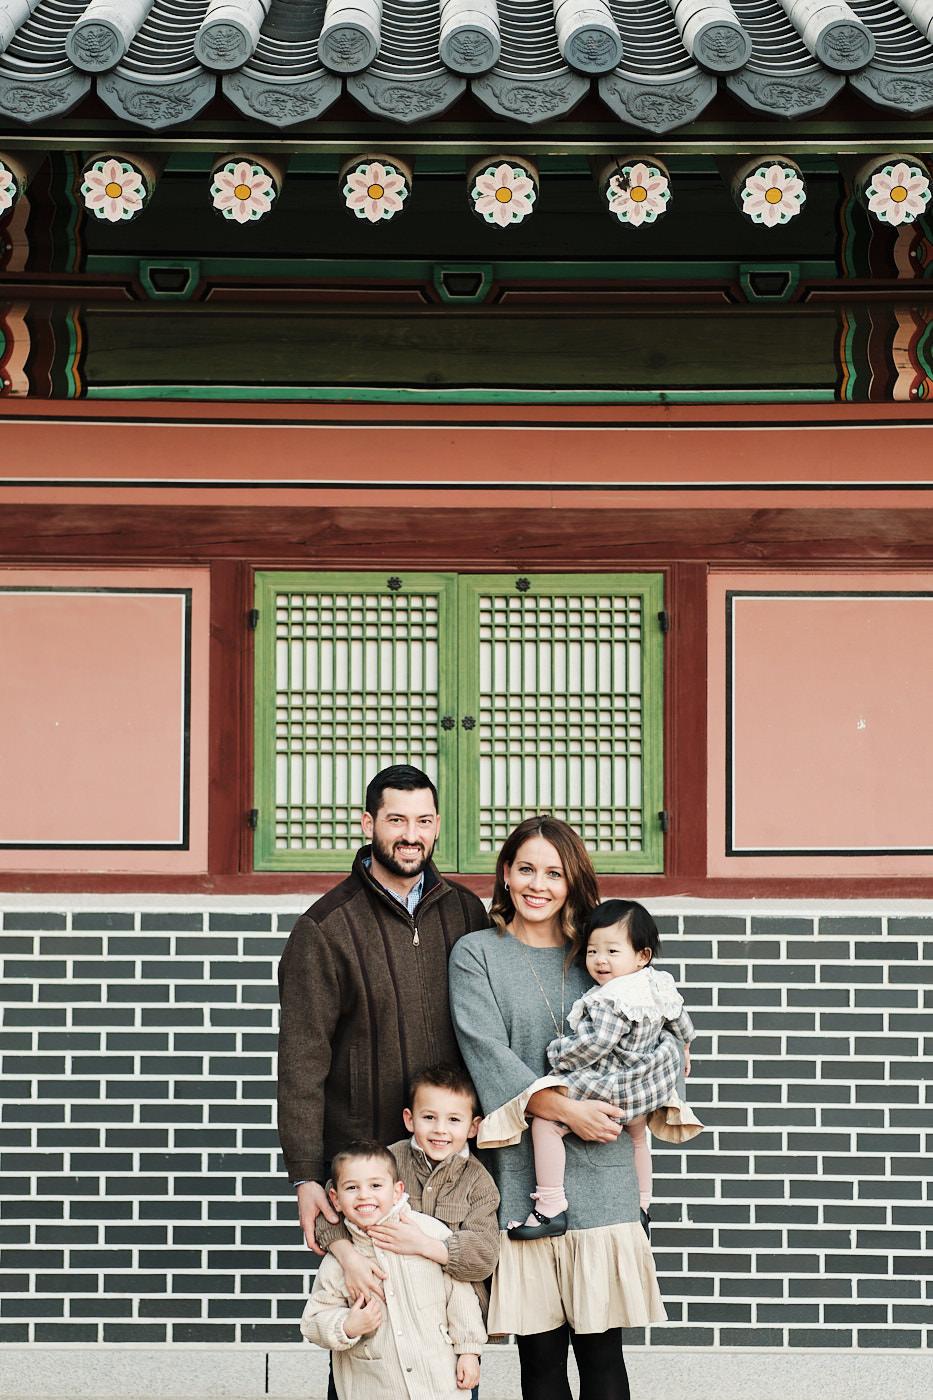 Seoul Lifestyle Family Photoshoot - Changdeokgung